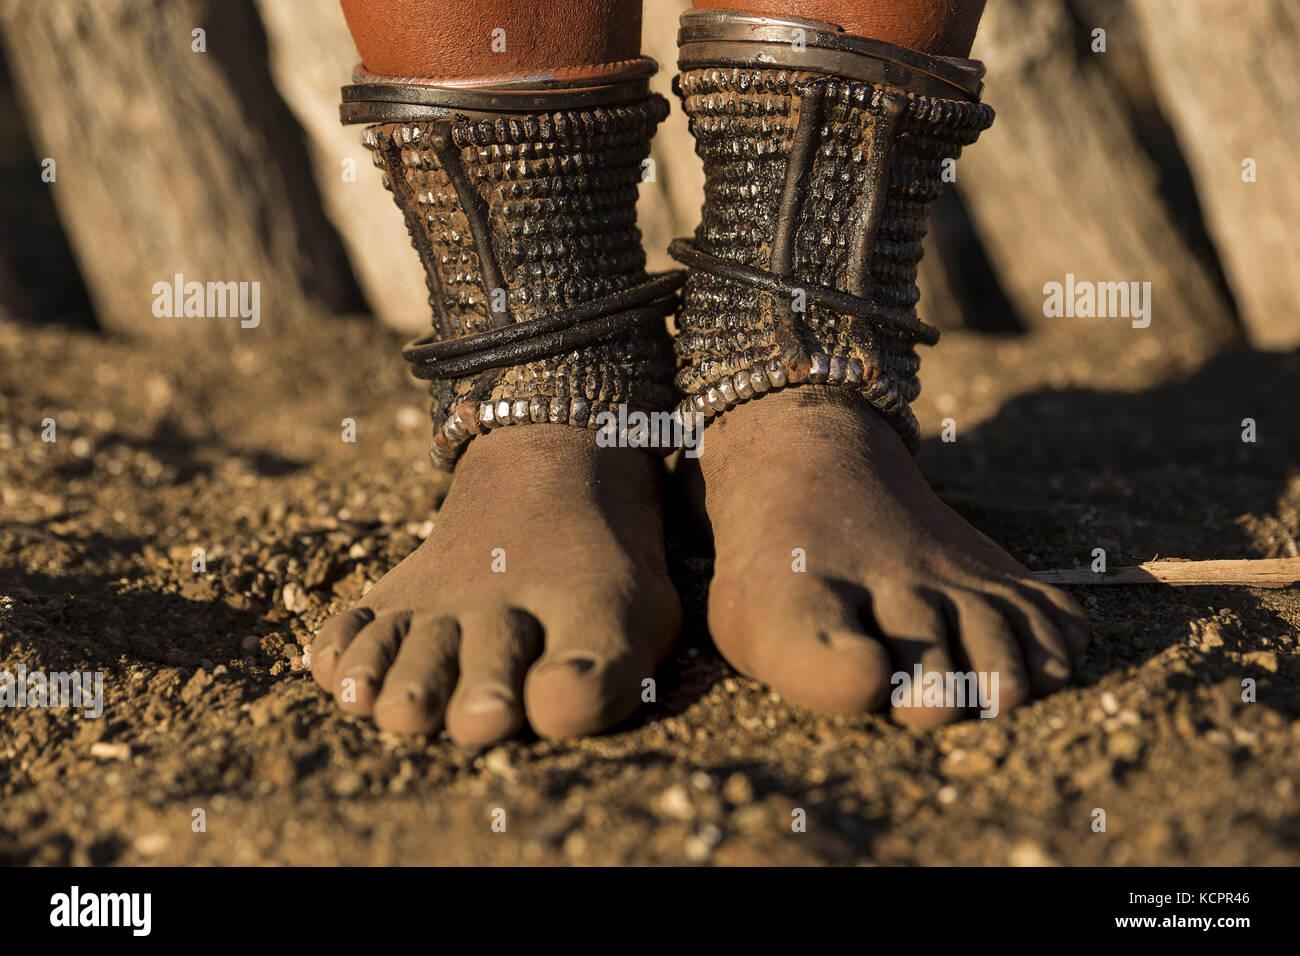 Angola. Juli 2016. Die erwachsenen Himba Frauen haben alle geknöchelte Fußknöchel (Omohanga), die ihnen helfen, ihr Geld zu verstecken. Die Fußknöchel schützen auch die Beine vor giftigen Tierbissen. Kredit: Tariq Zaidi/ZUMA Wire/Alamy Live News Stockfoto